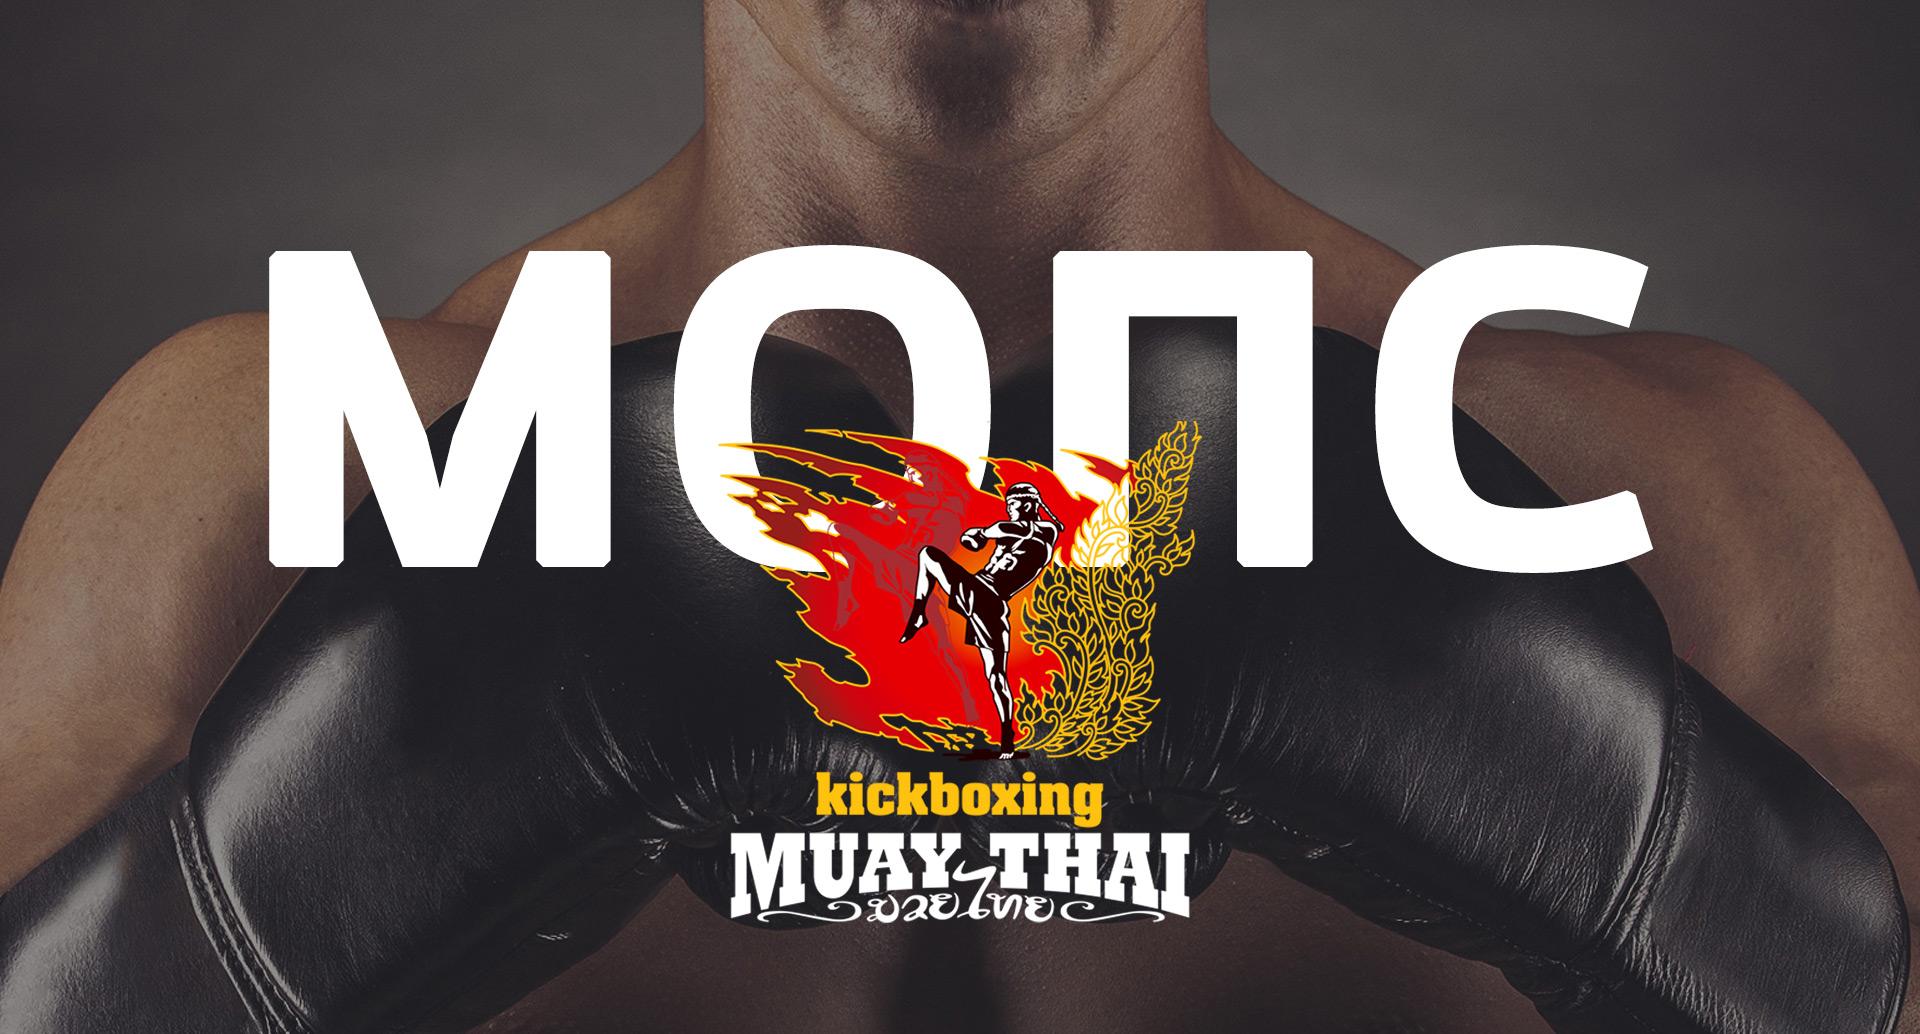 """Бесплатное пробное занятие по тайскому боксу, кикбоксингу (0 руб), абонемент за 50 руб. в спортклубе """"Mops Gym"""""""